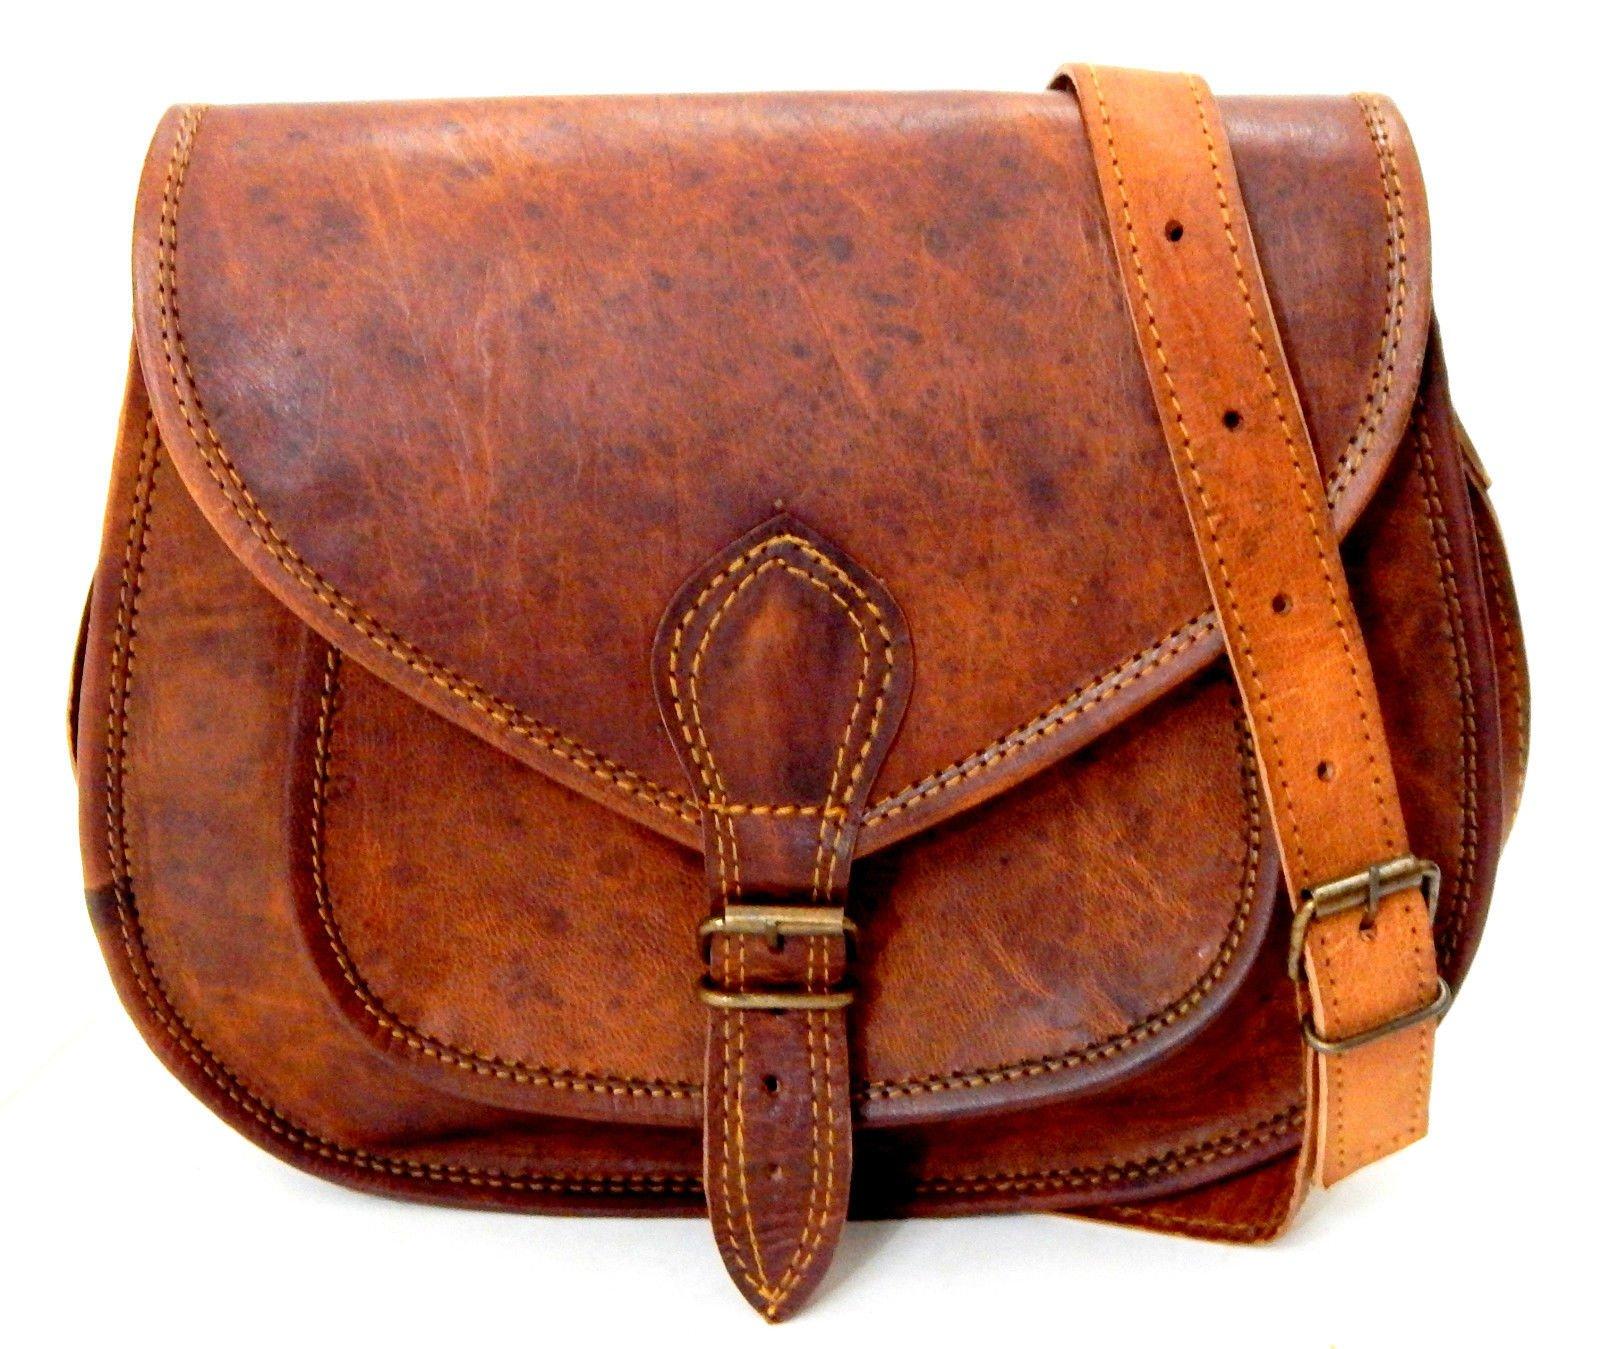 Firu-Handmade Women Vintage Rustic Retro Style Genuine Brown Leather Cross body Shoulder Bag Tote Satchel Bag Handmade Purse